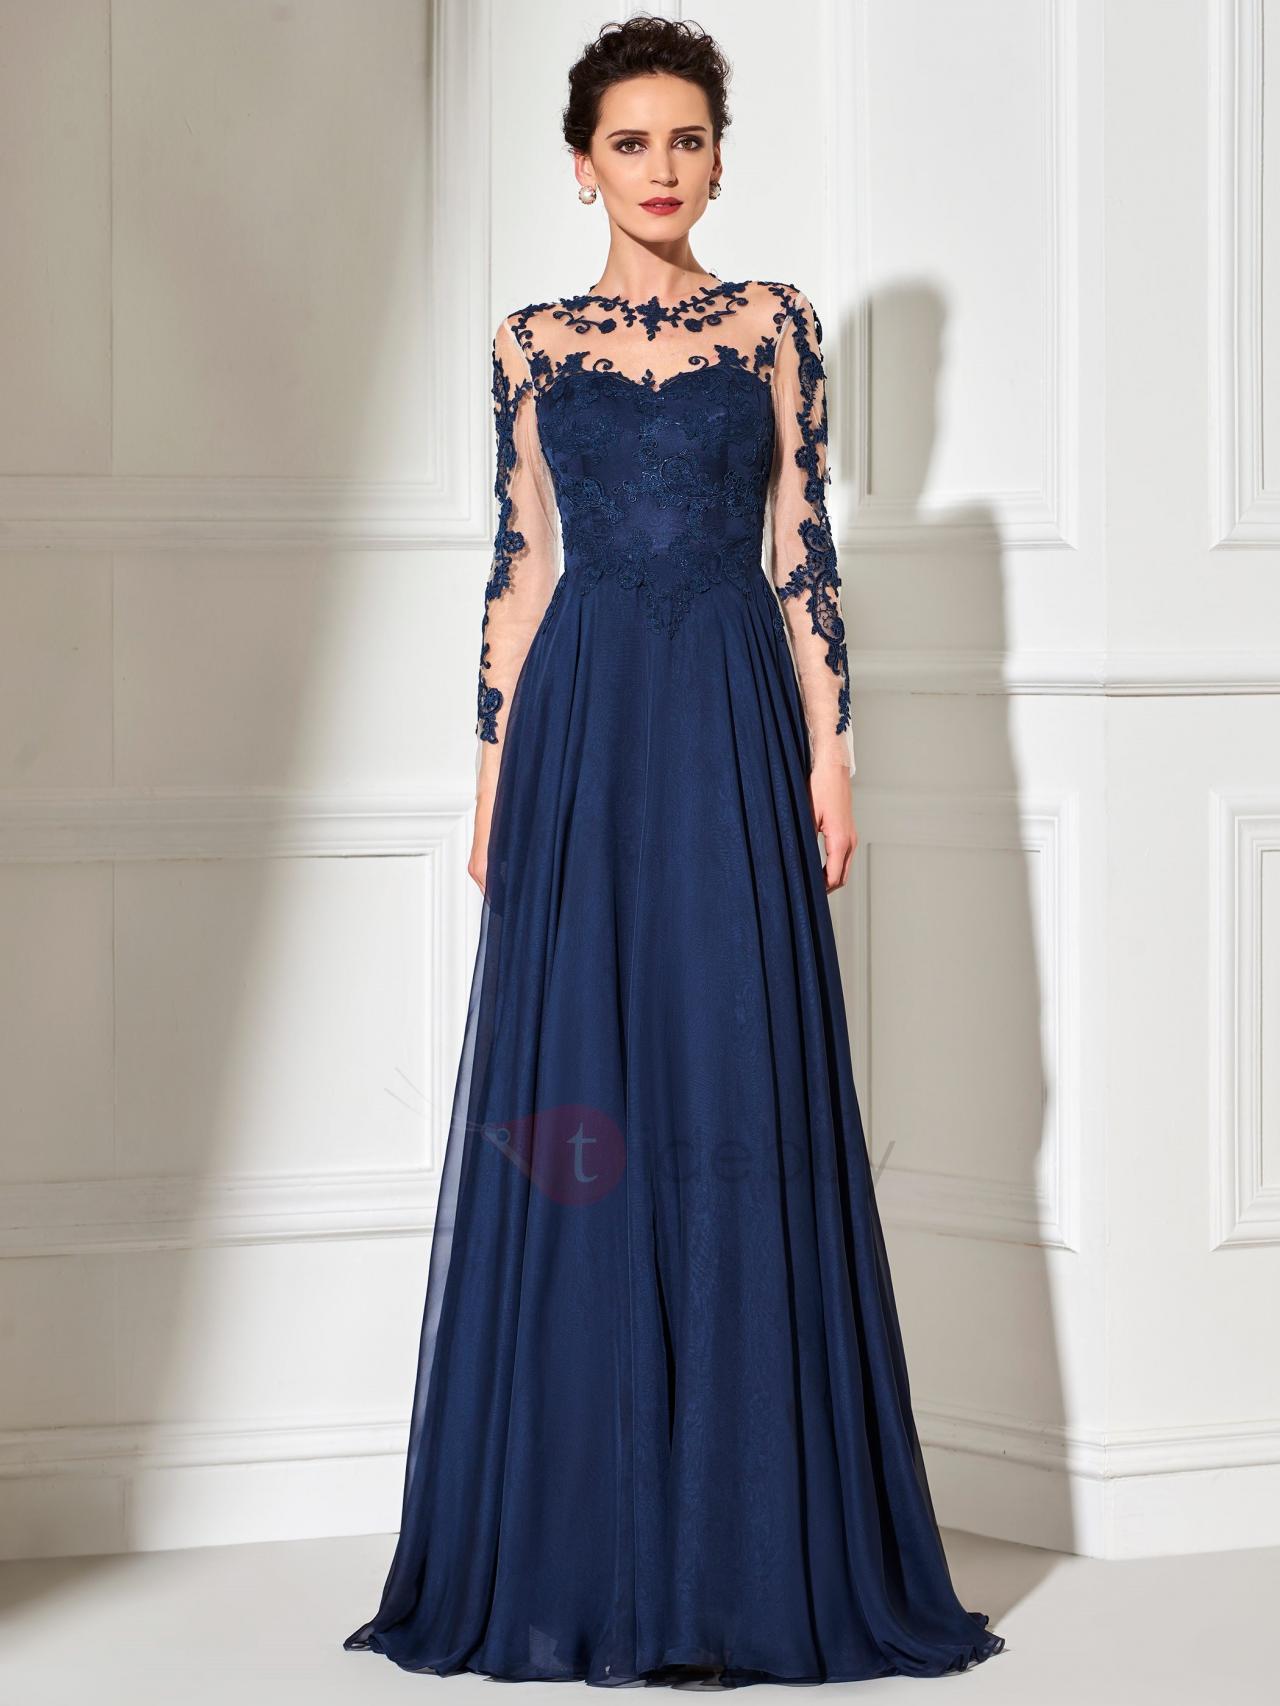 ملابس بنات عرض ازياء فستان سهرة صور فساتين سهره صور ملابس 2020 68